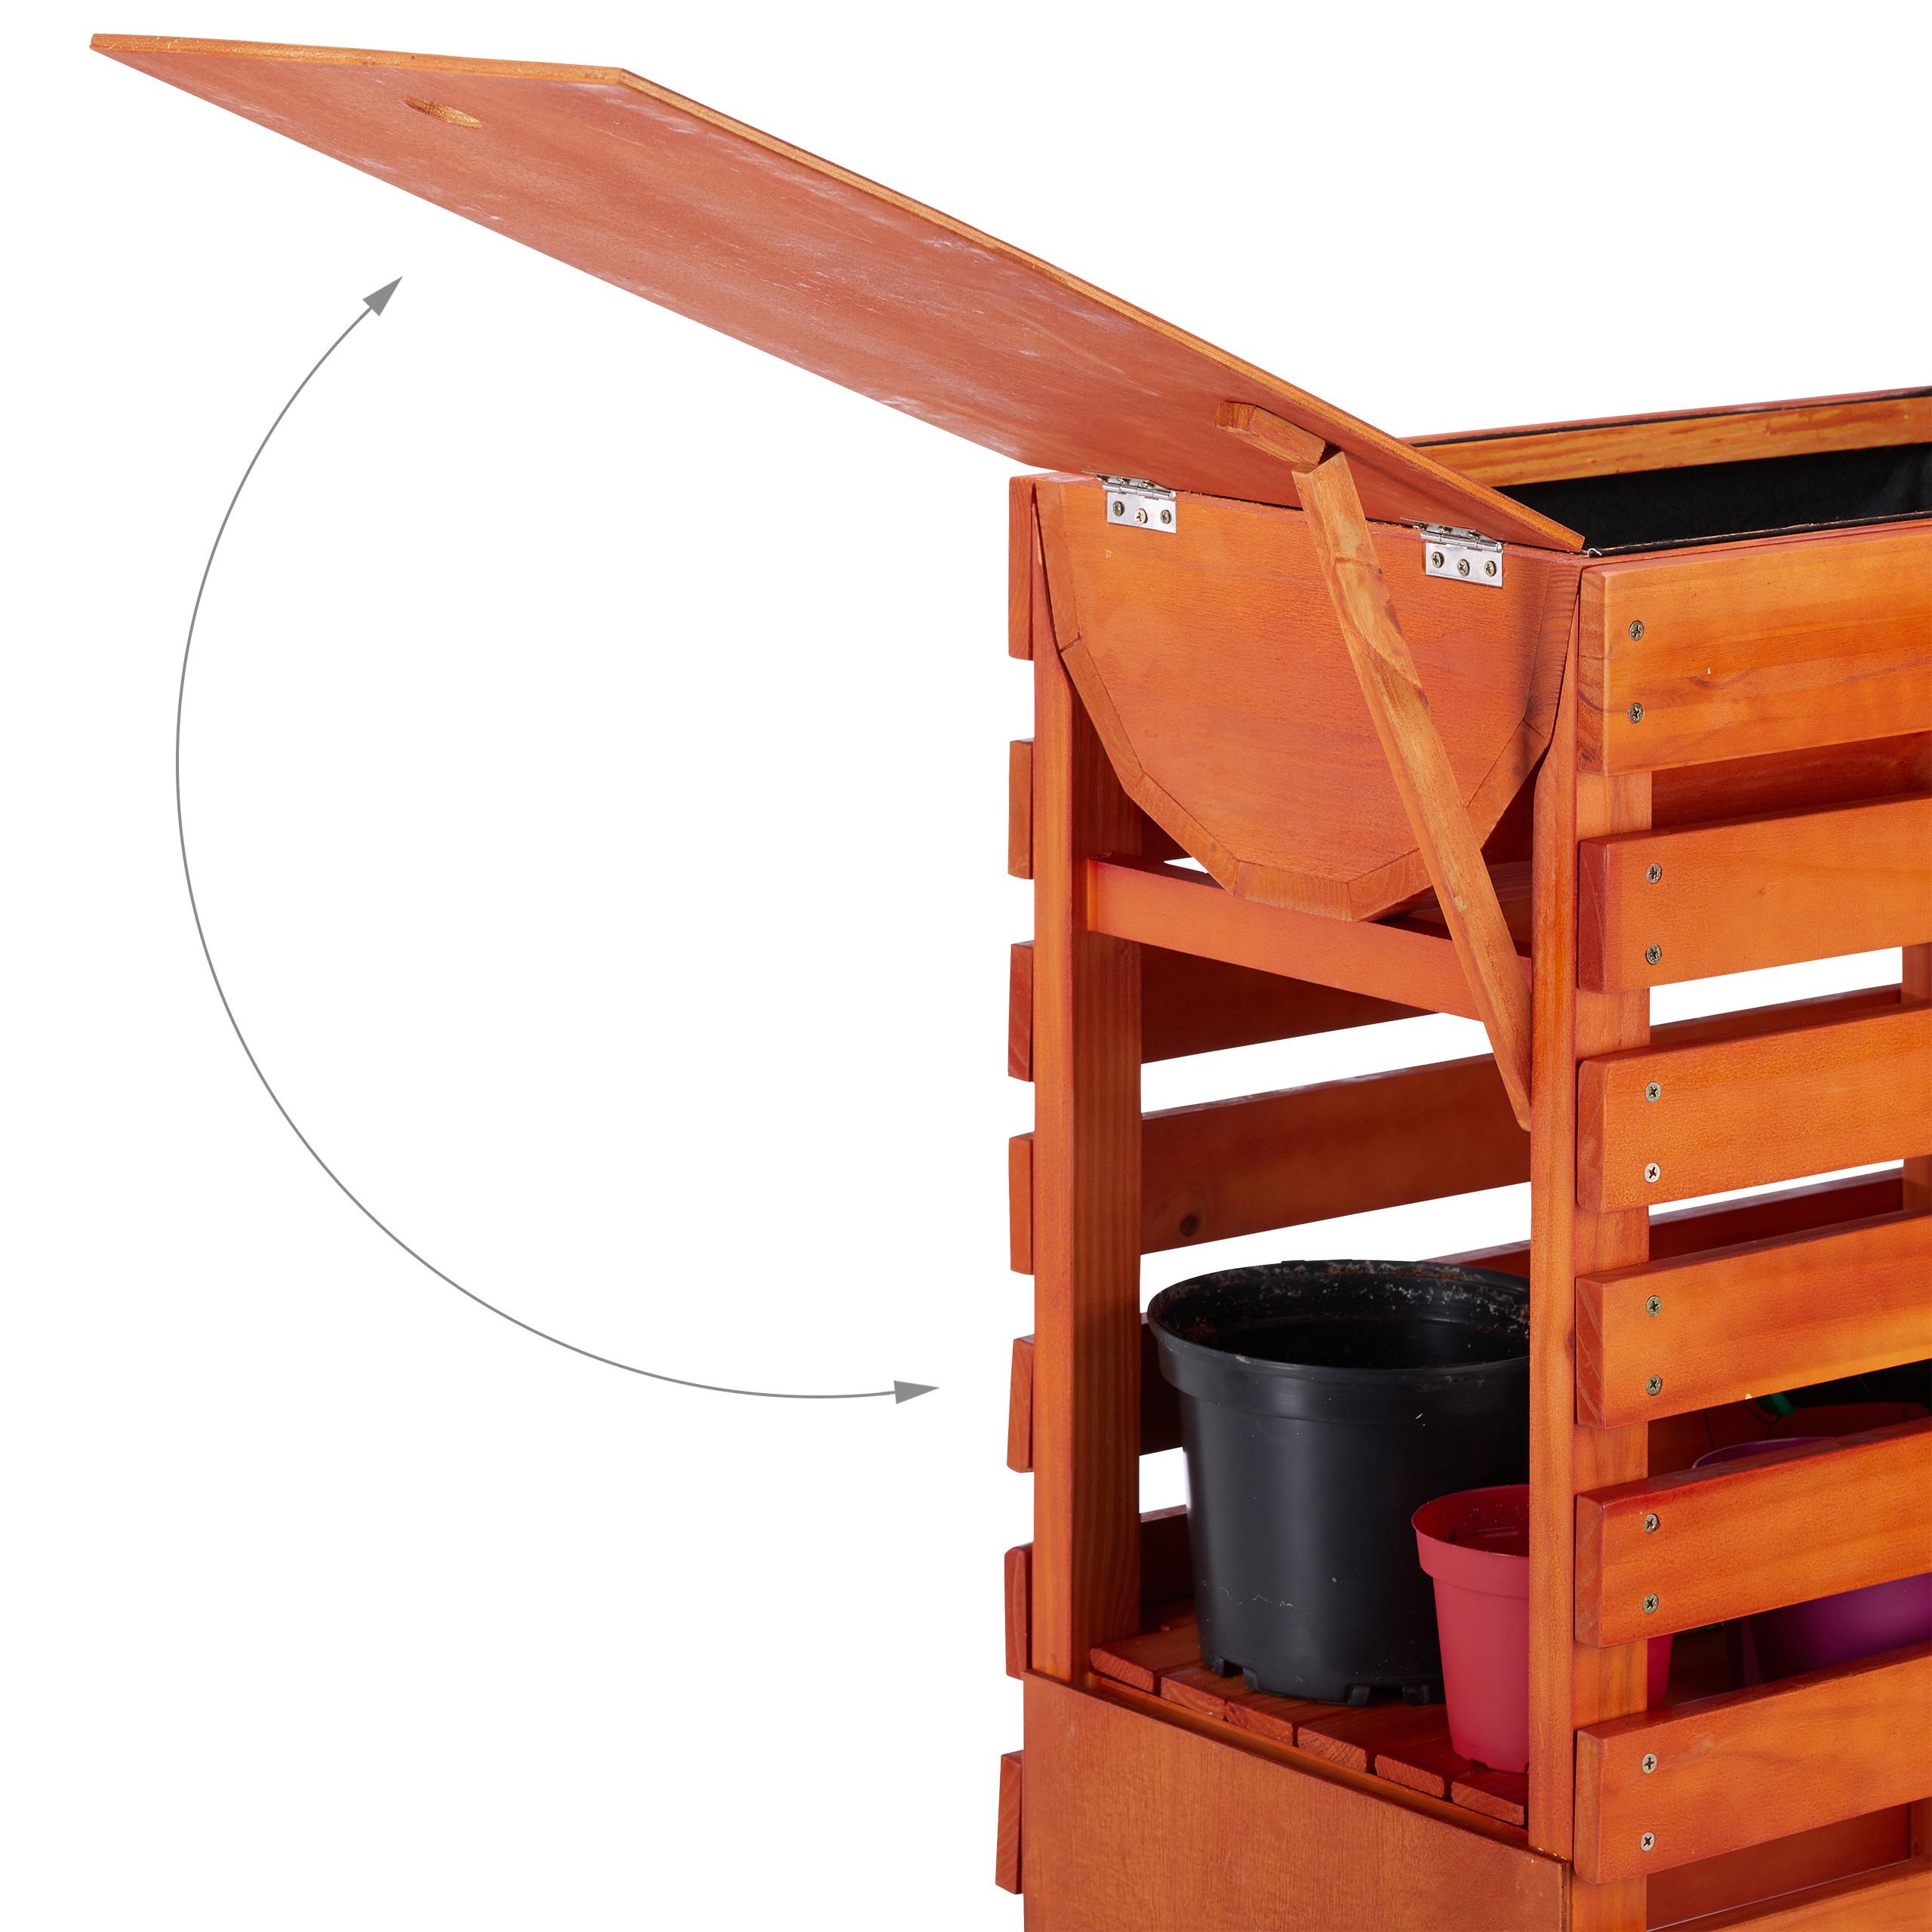 Hochbeet-Holz-Trog-Blumenkasten-Pflanzkasten-Fruehbeet-auf-Rollen-Kraeuterbeet Indexbild 17